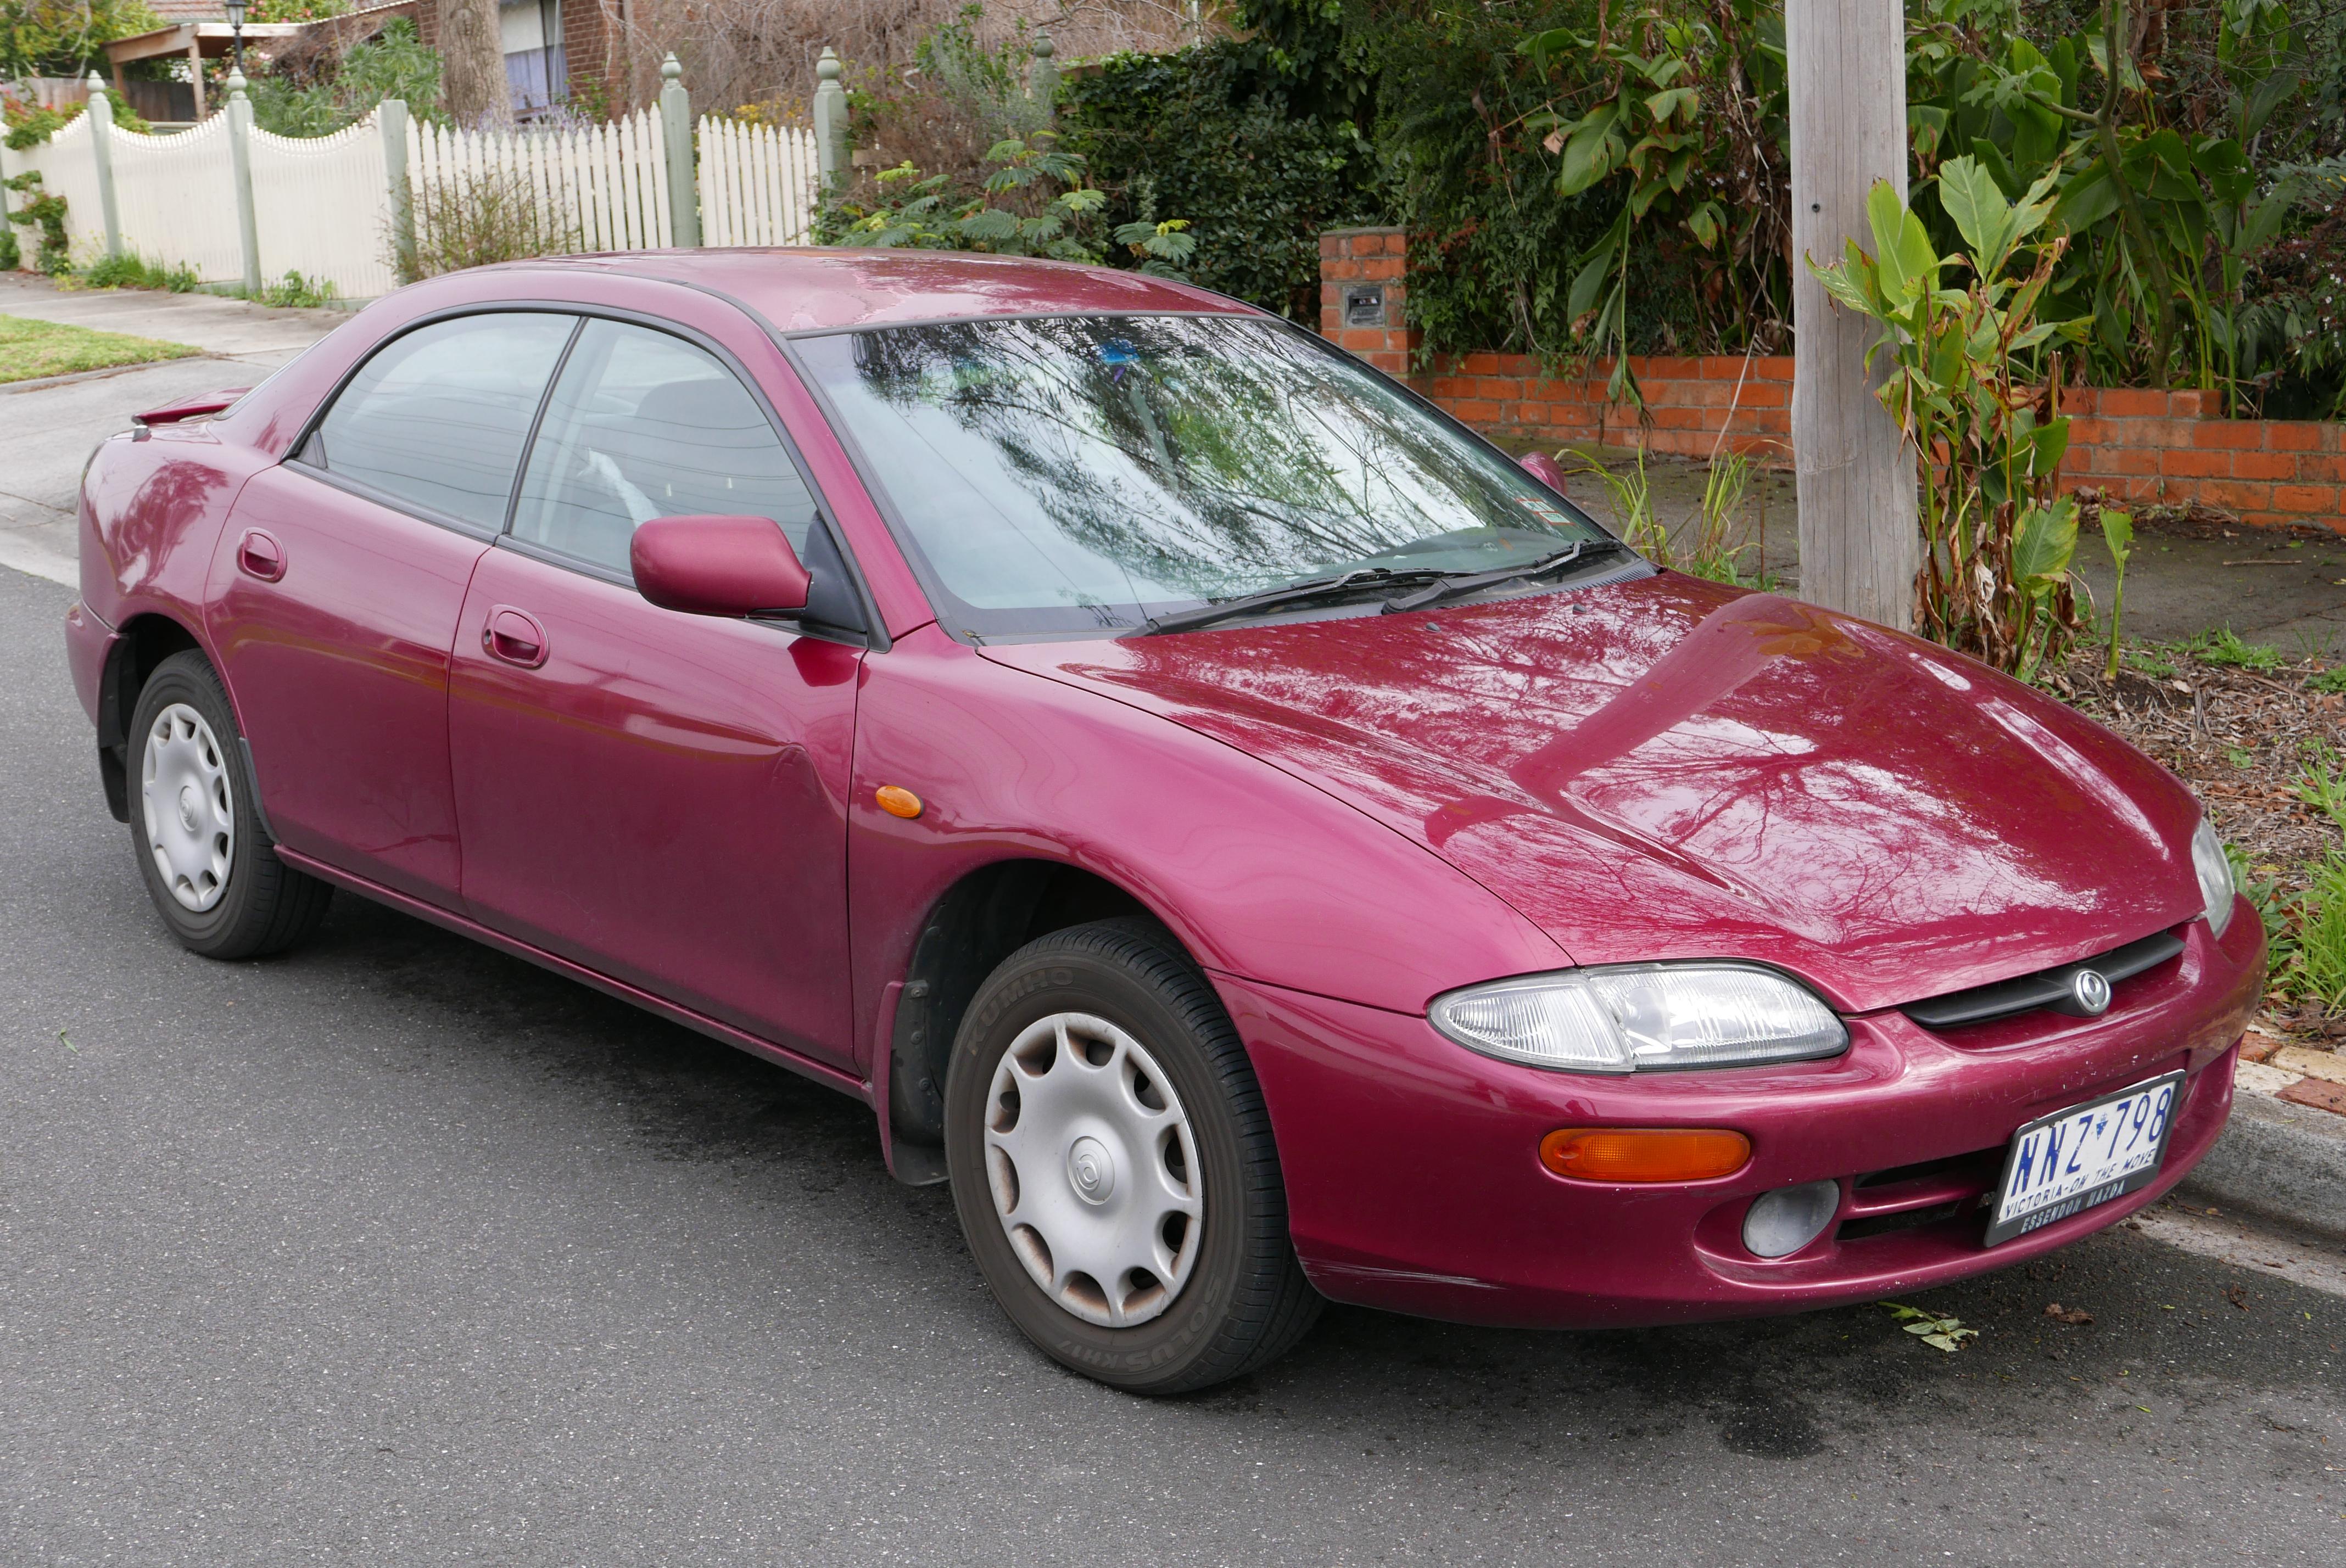 Mazda 323 mazda 323 altavistaventures Images